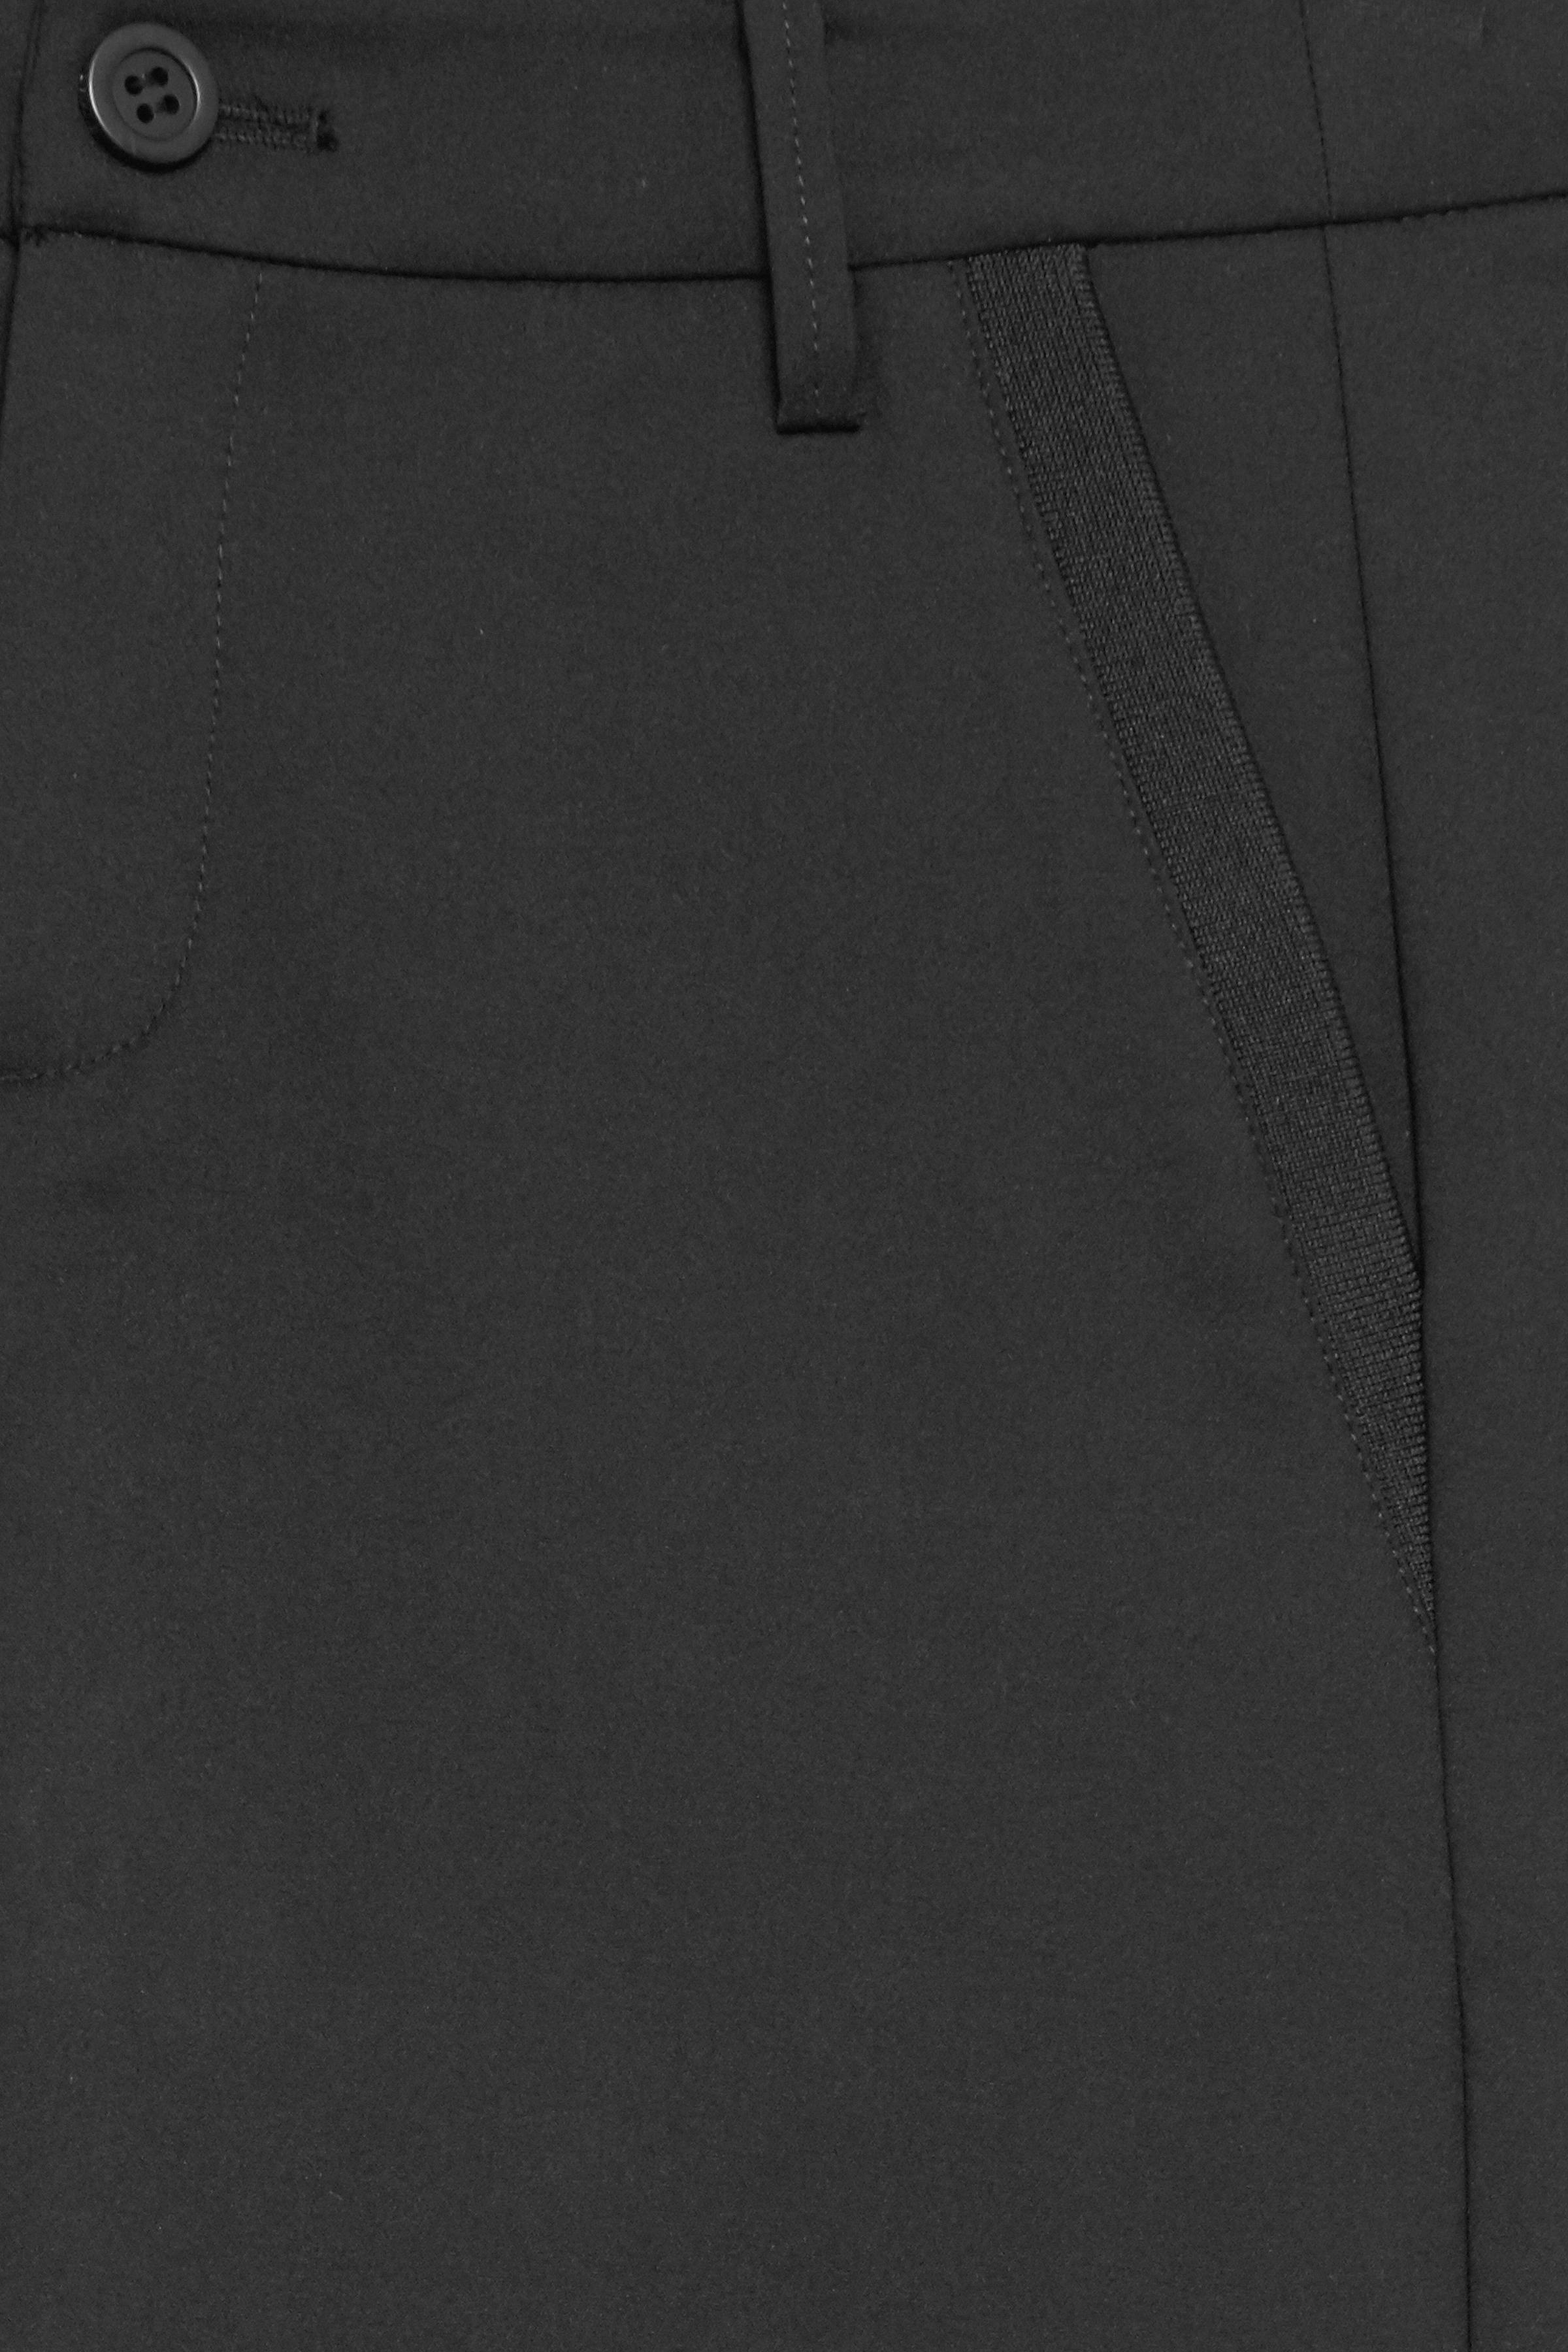 Svart Casual byxor från Dranella – Köp Svart Casual byxor från stl. 32-46 här